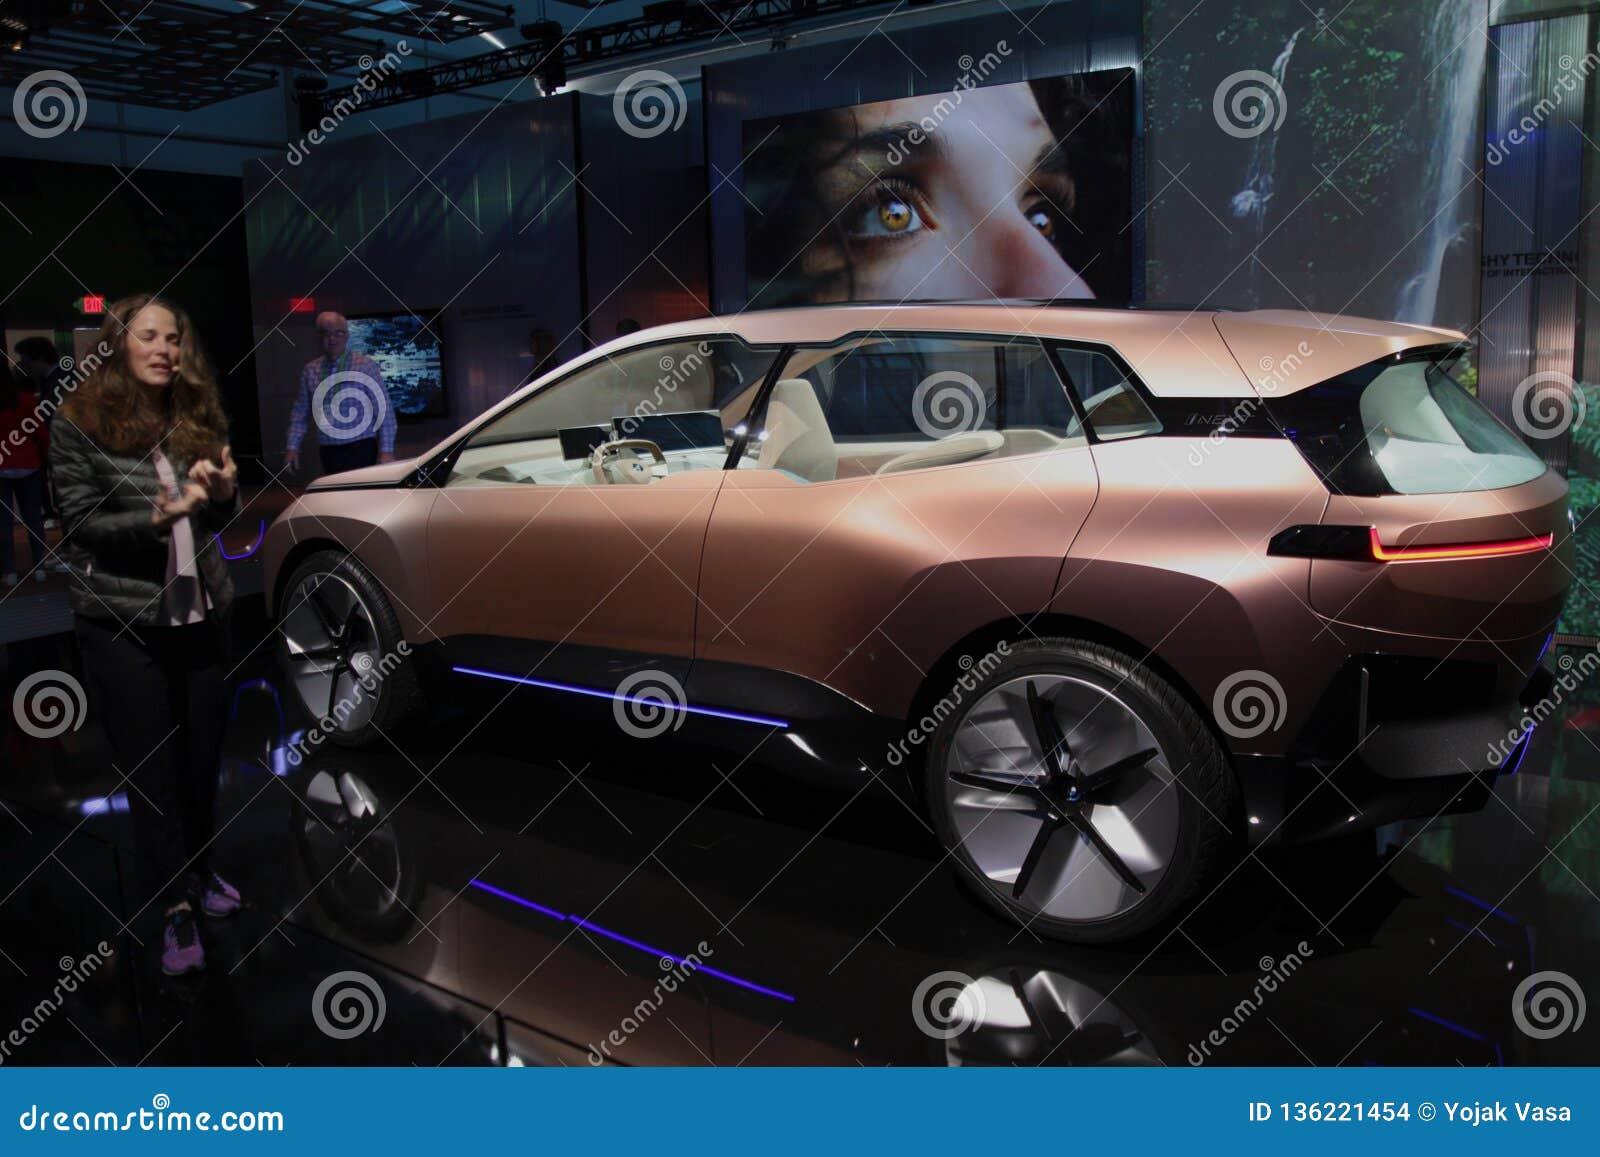 Автомобиль концепции iNext BMW на CES 2019